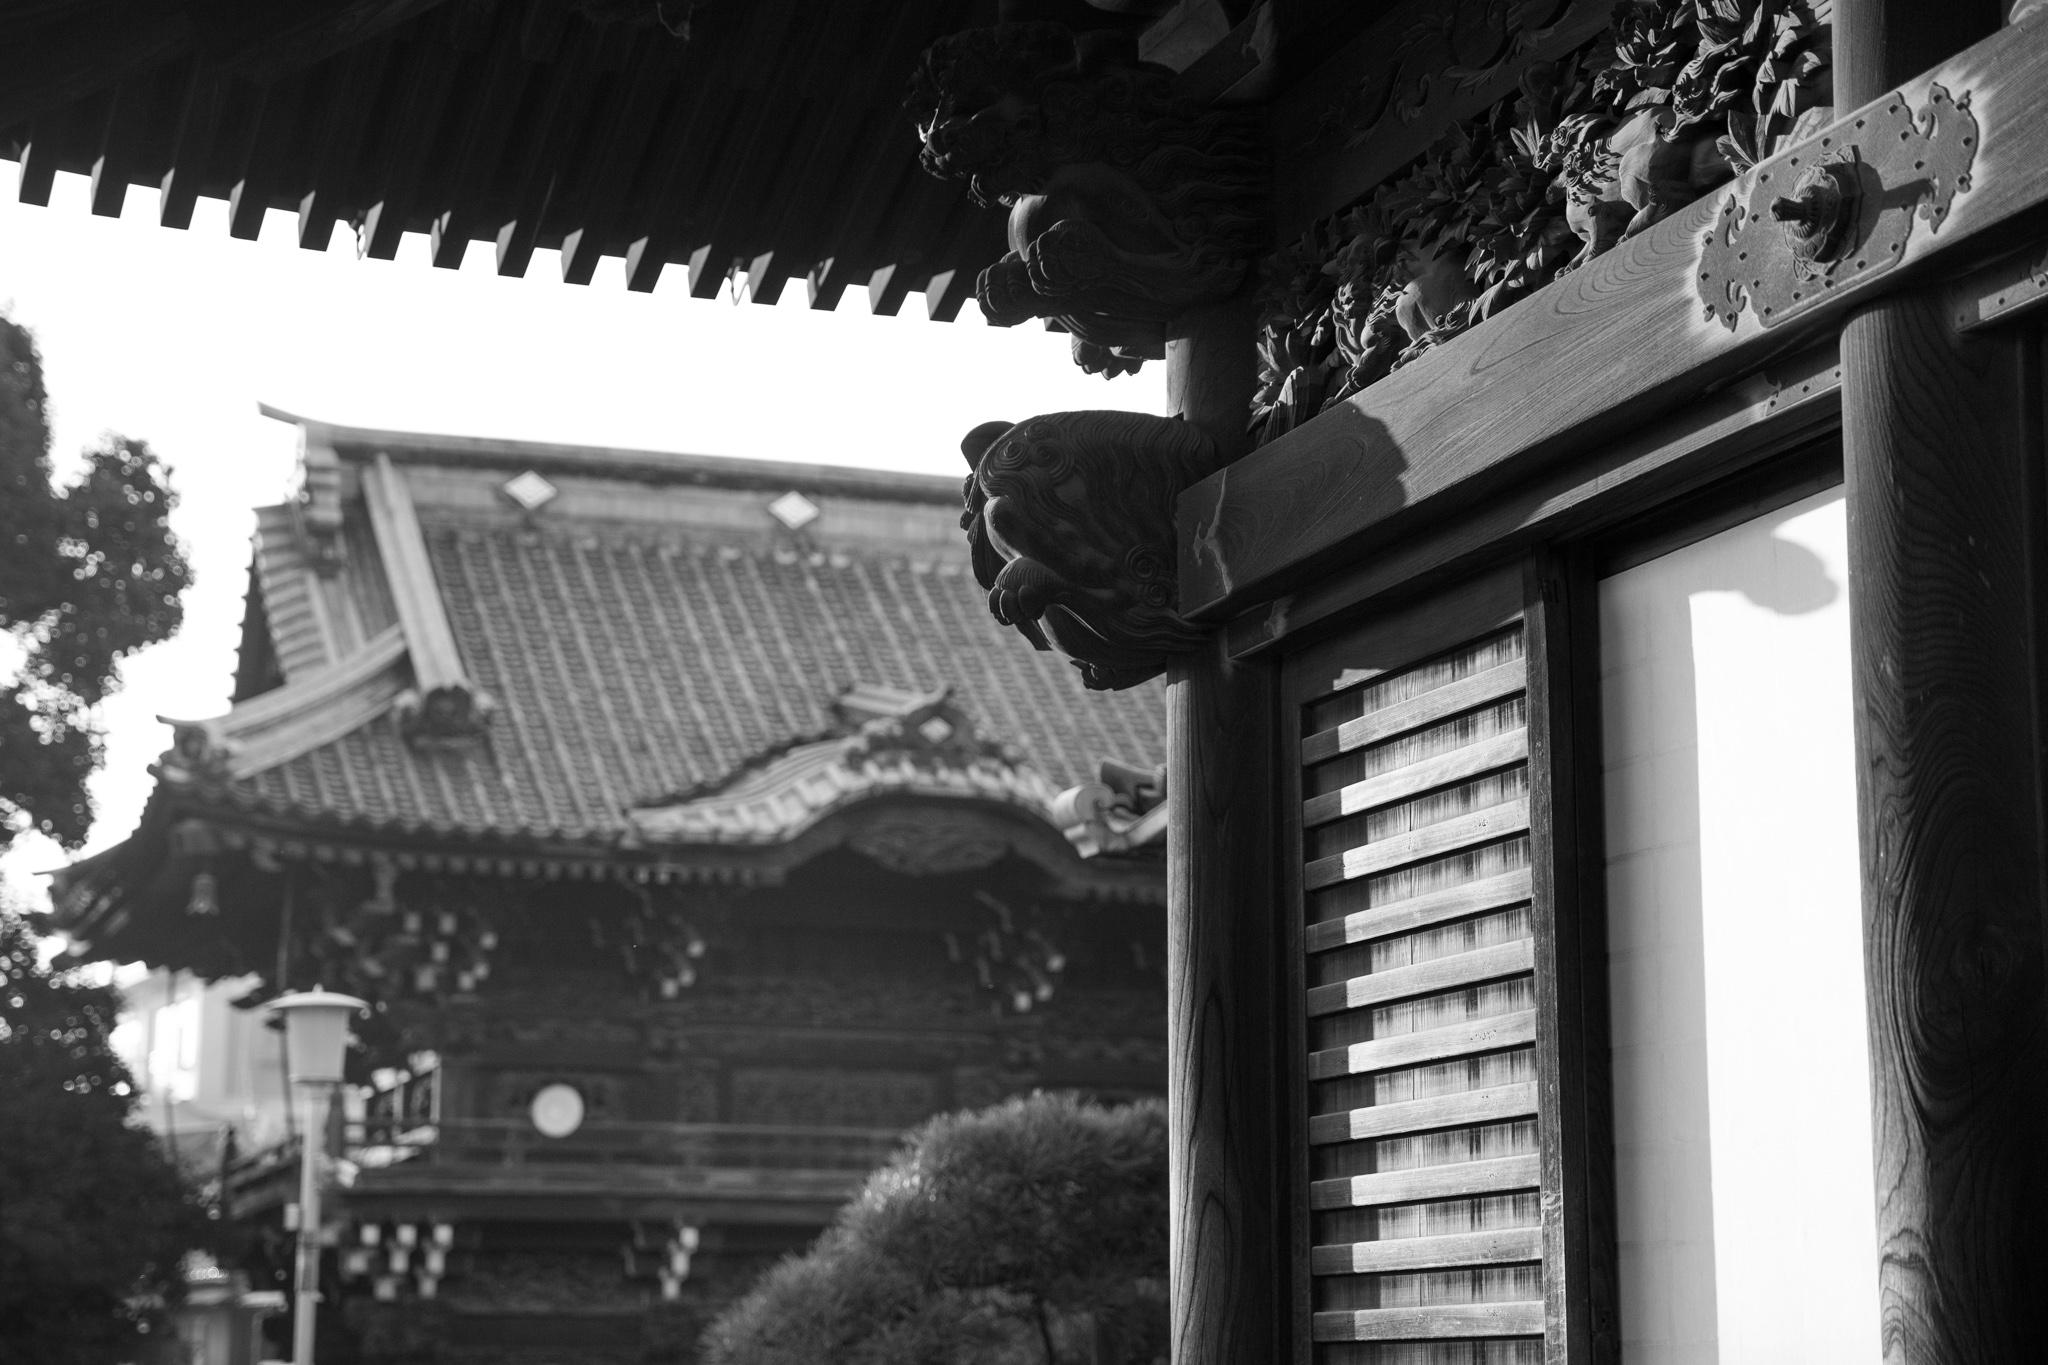 6110-japan-urban-best temples.jpg